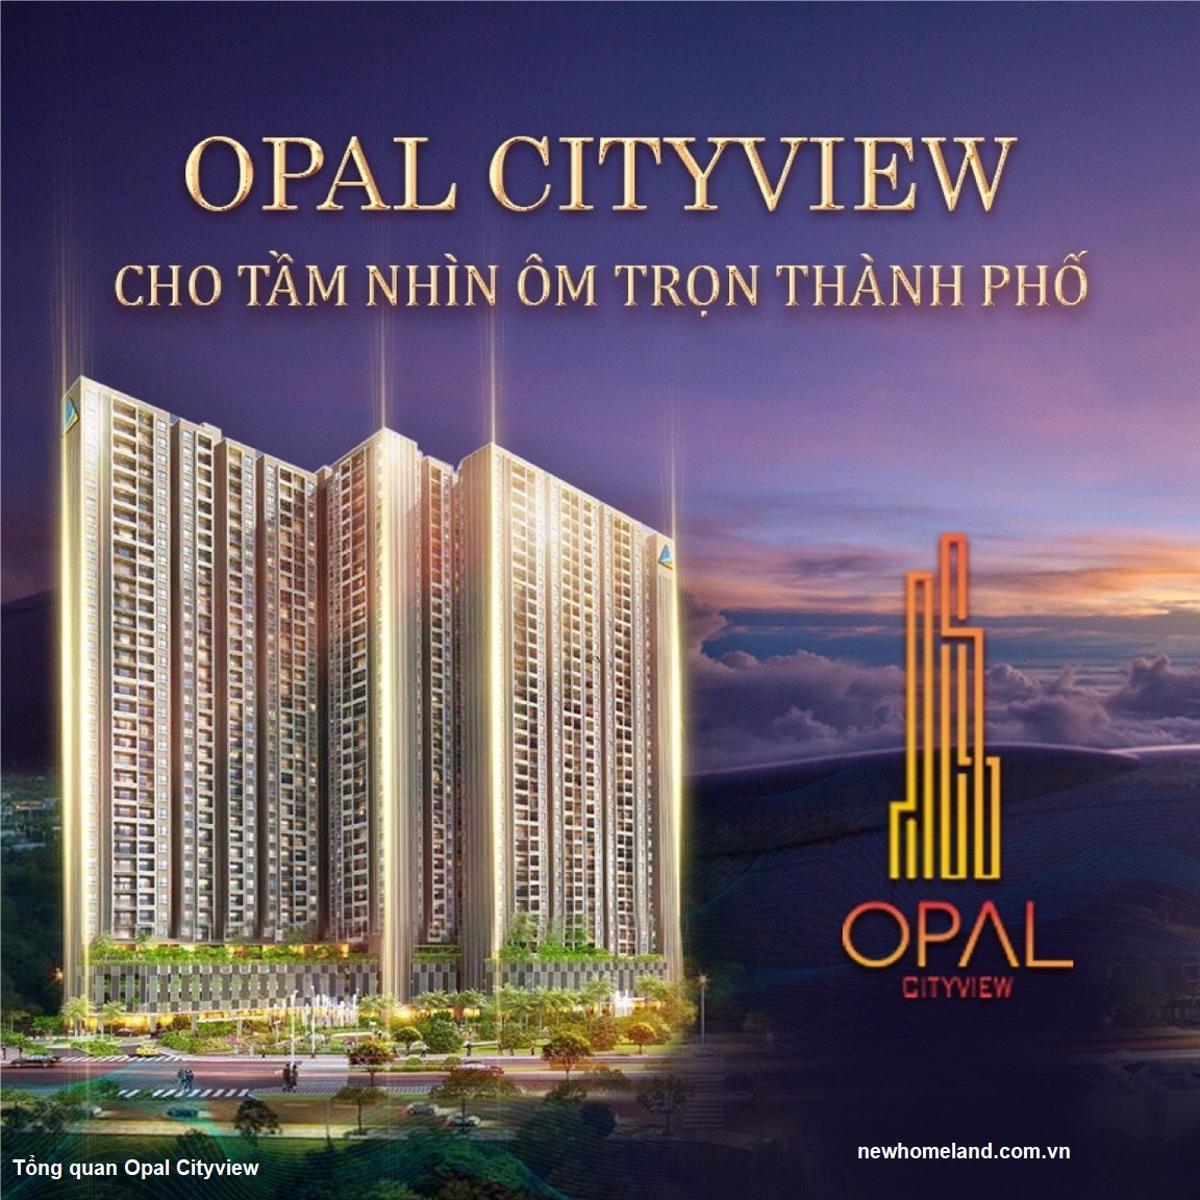 Opal Cityview đang triển khai